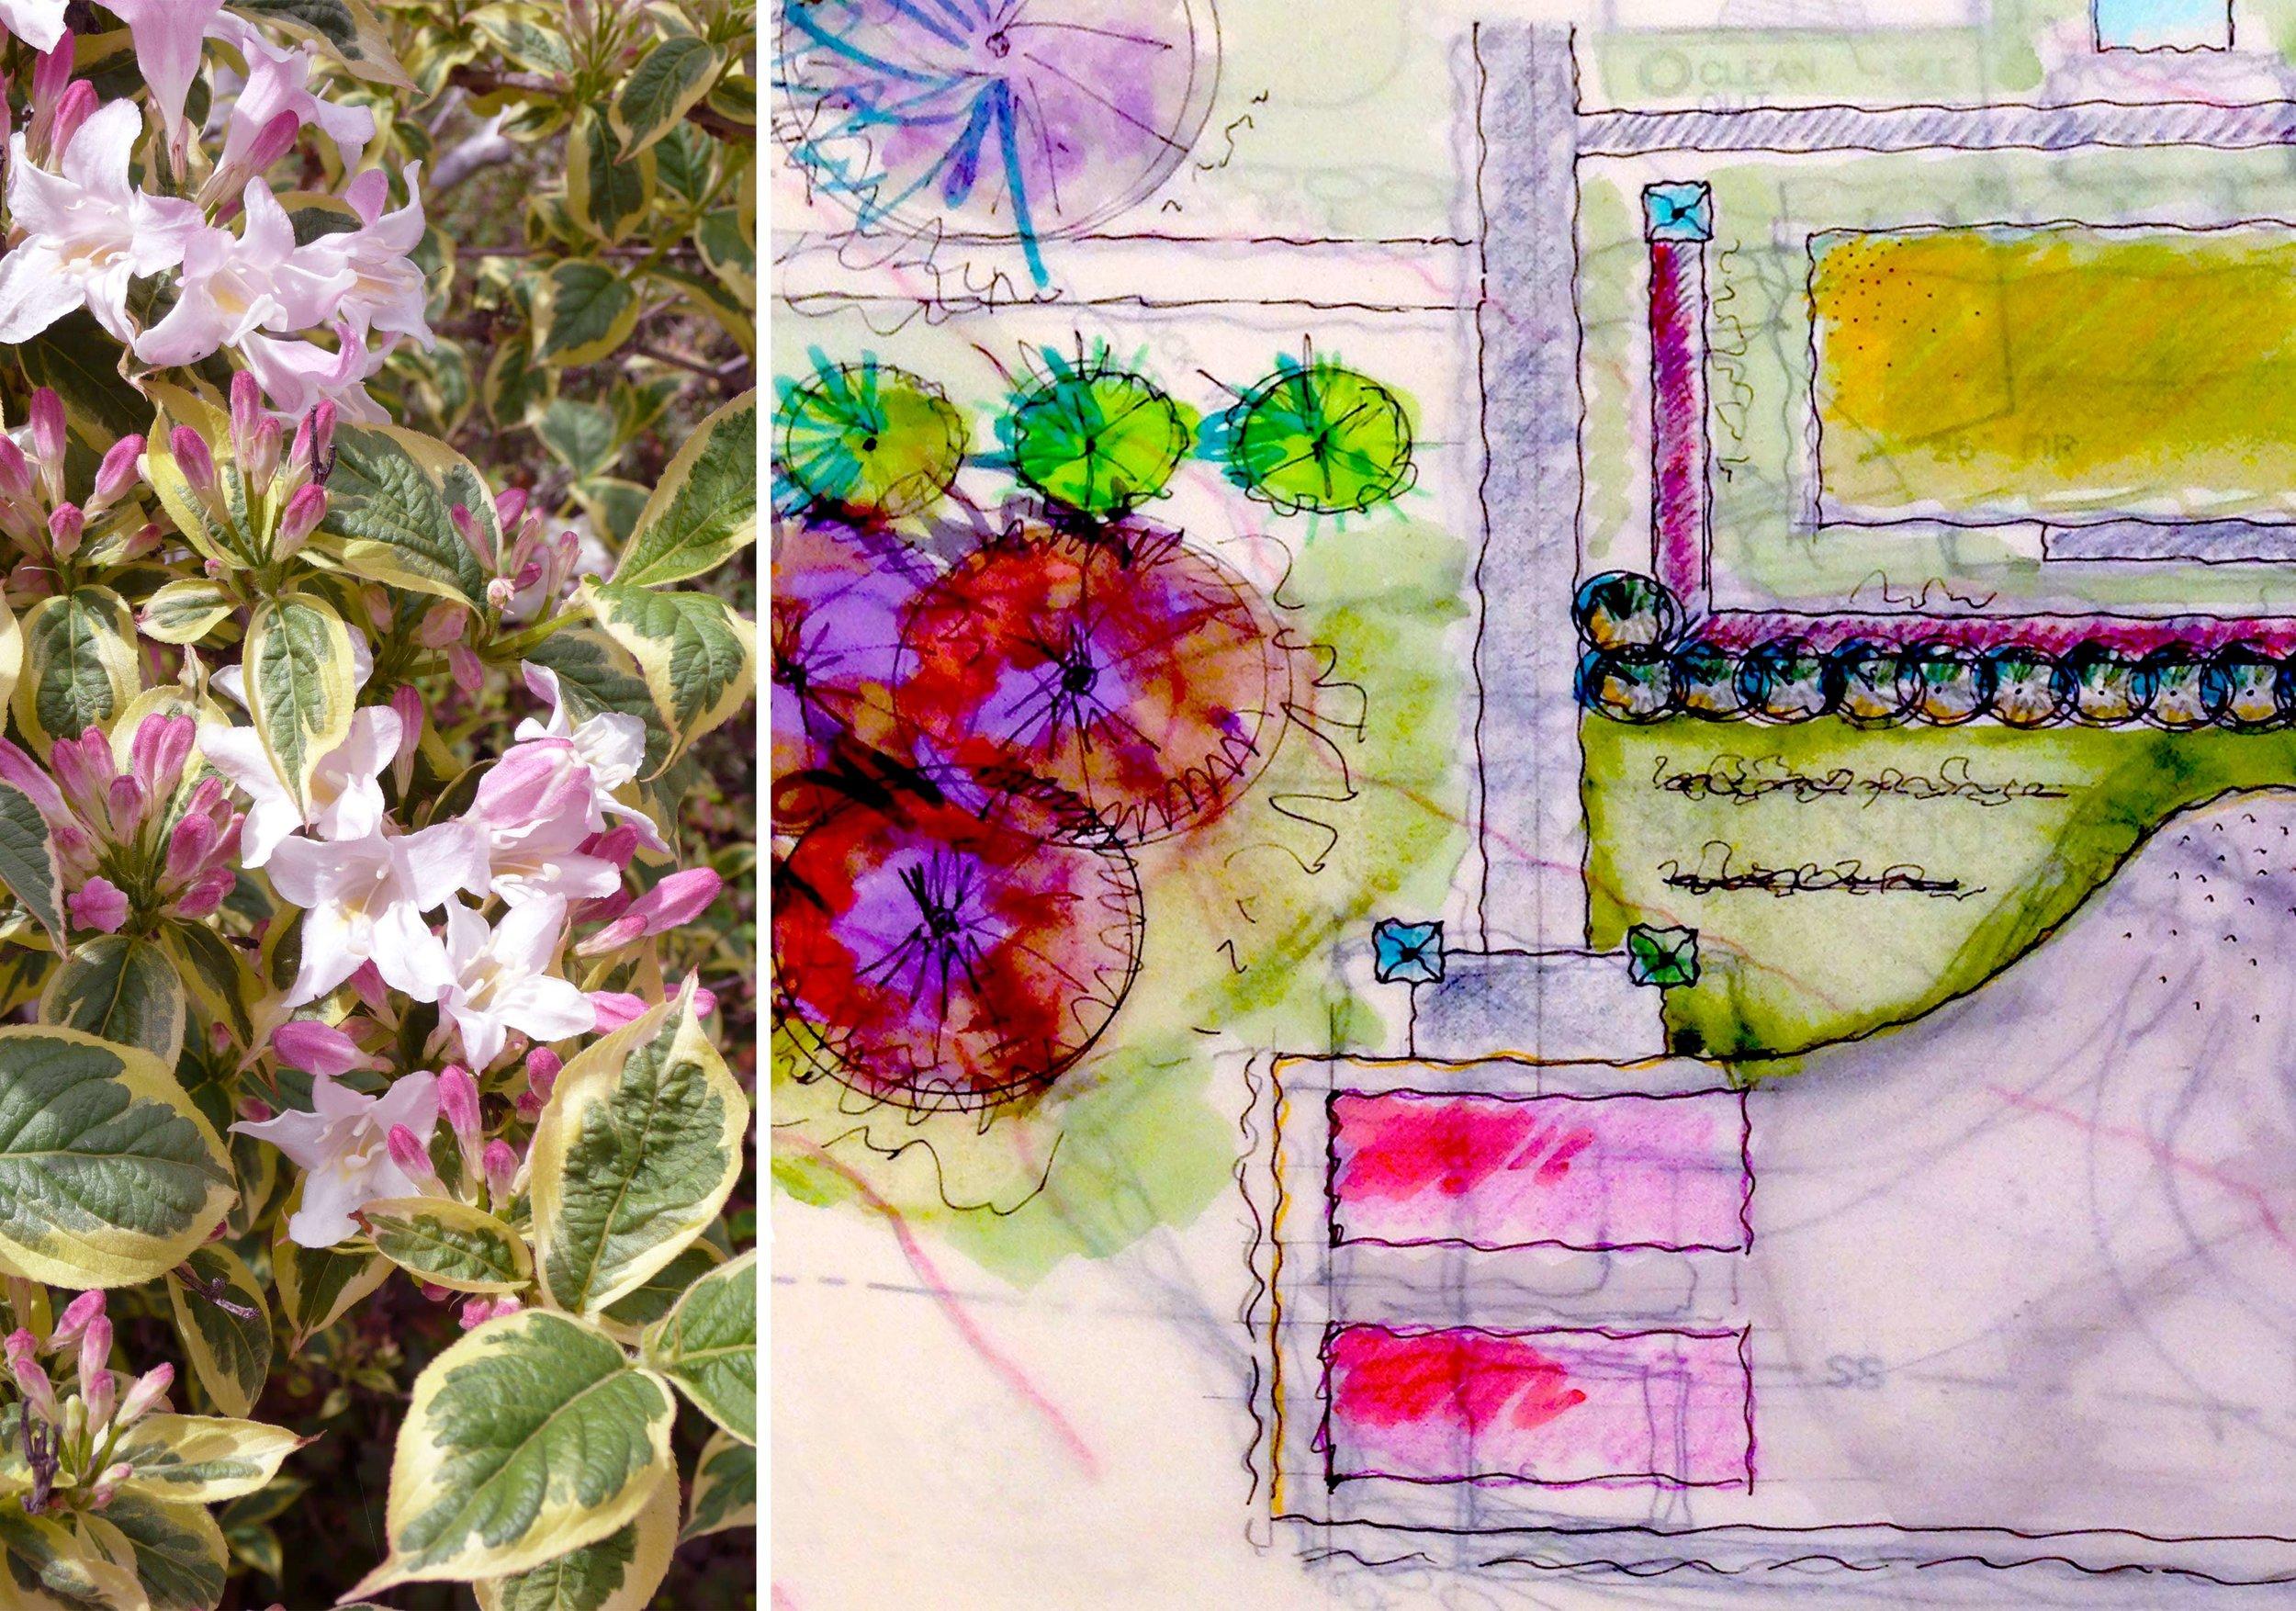 flower_drawings.jpg